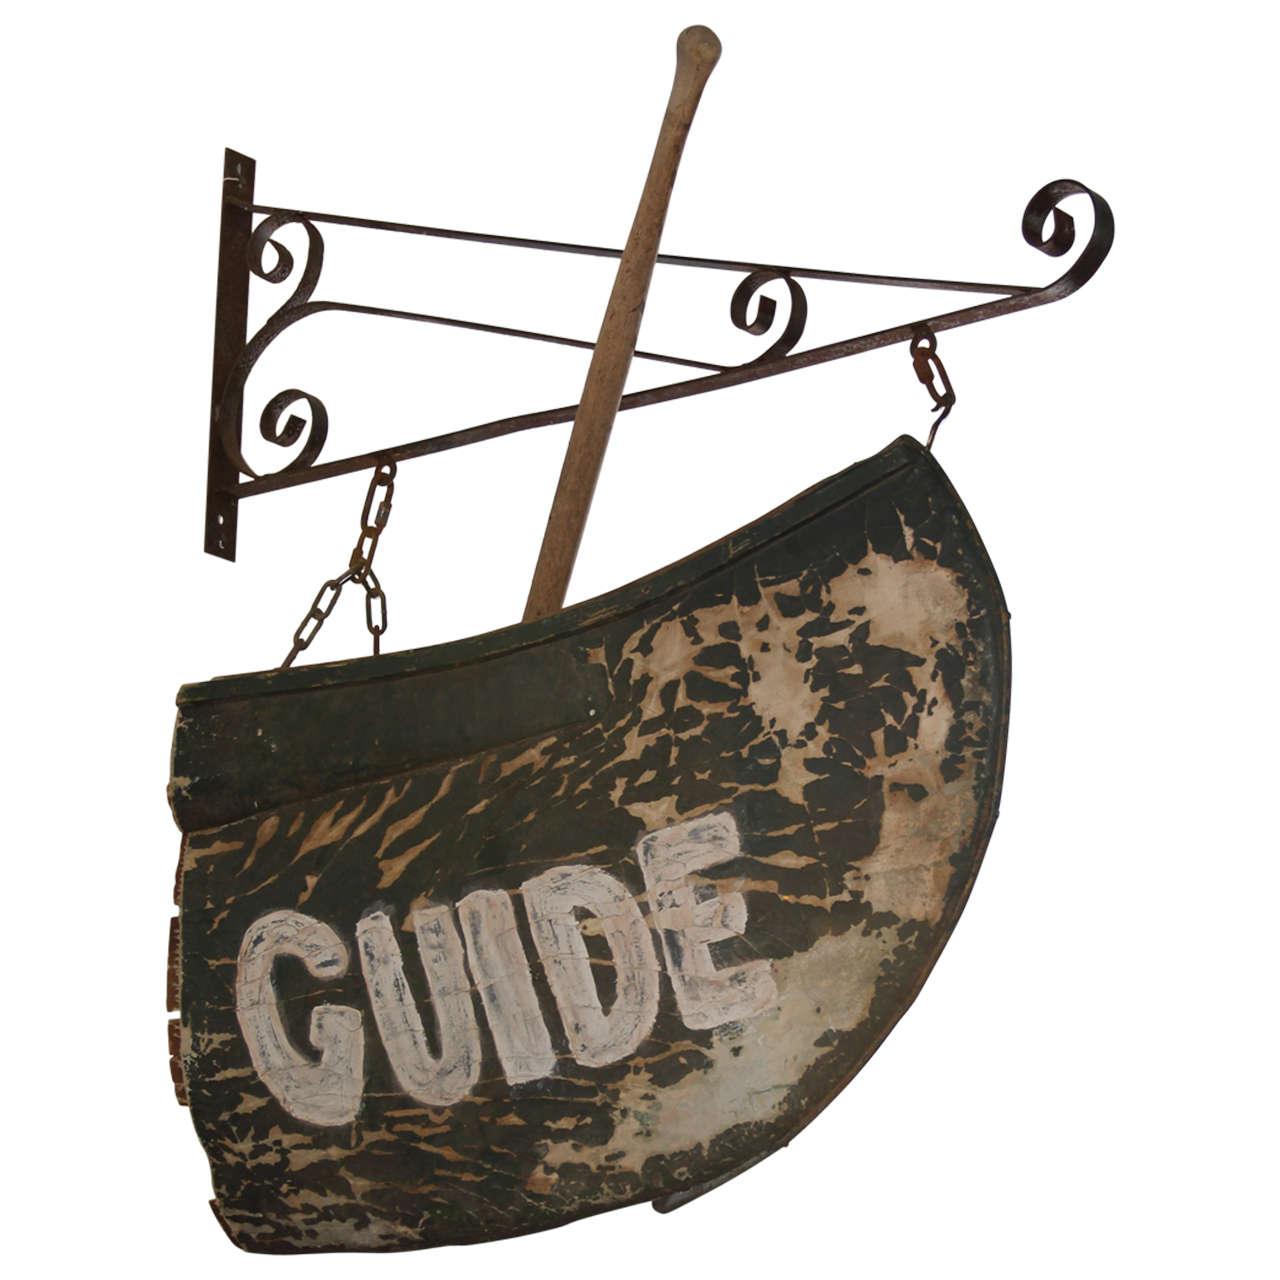 Folk Art Canoe Guide Sign For Sale